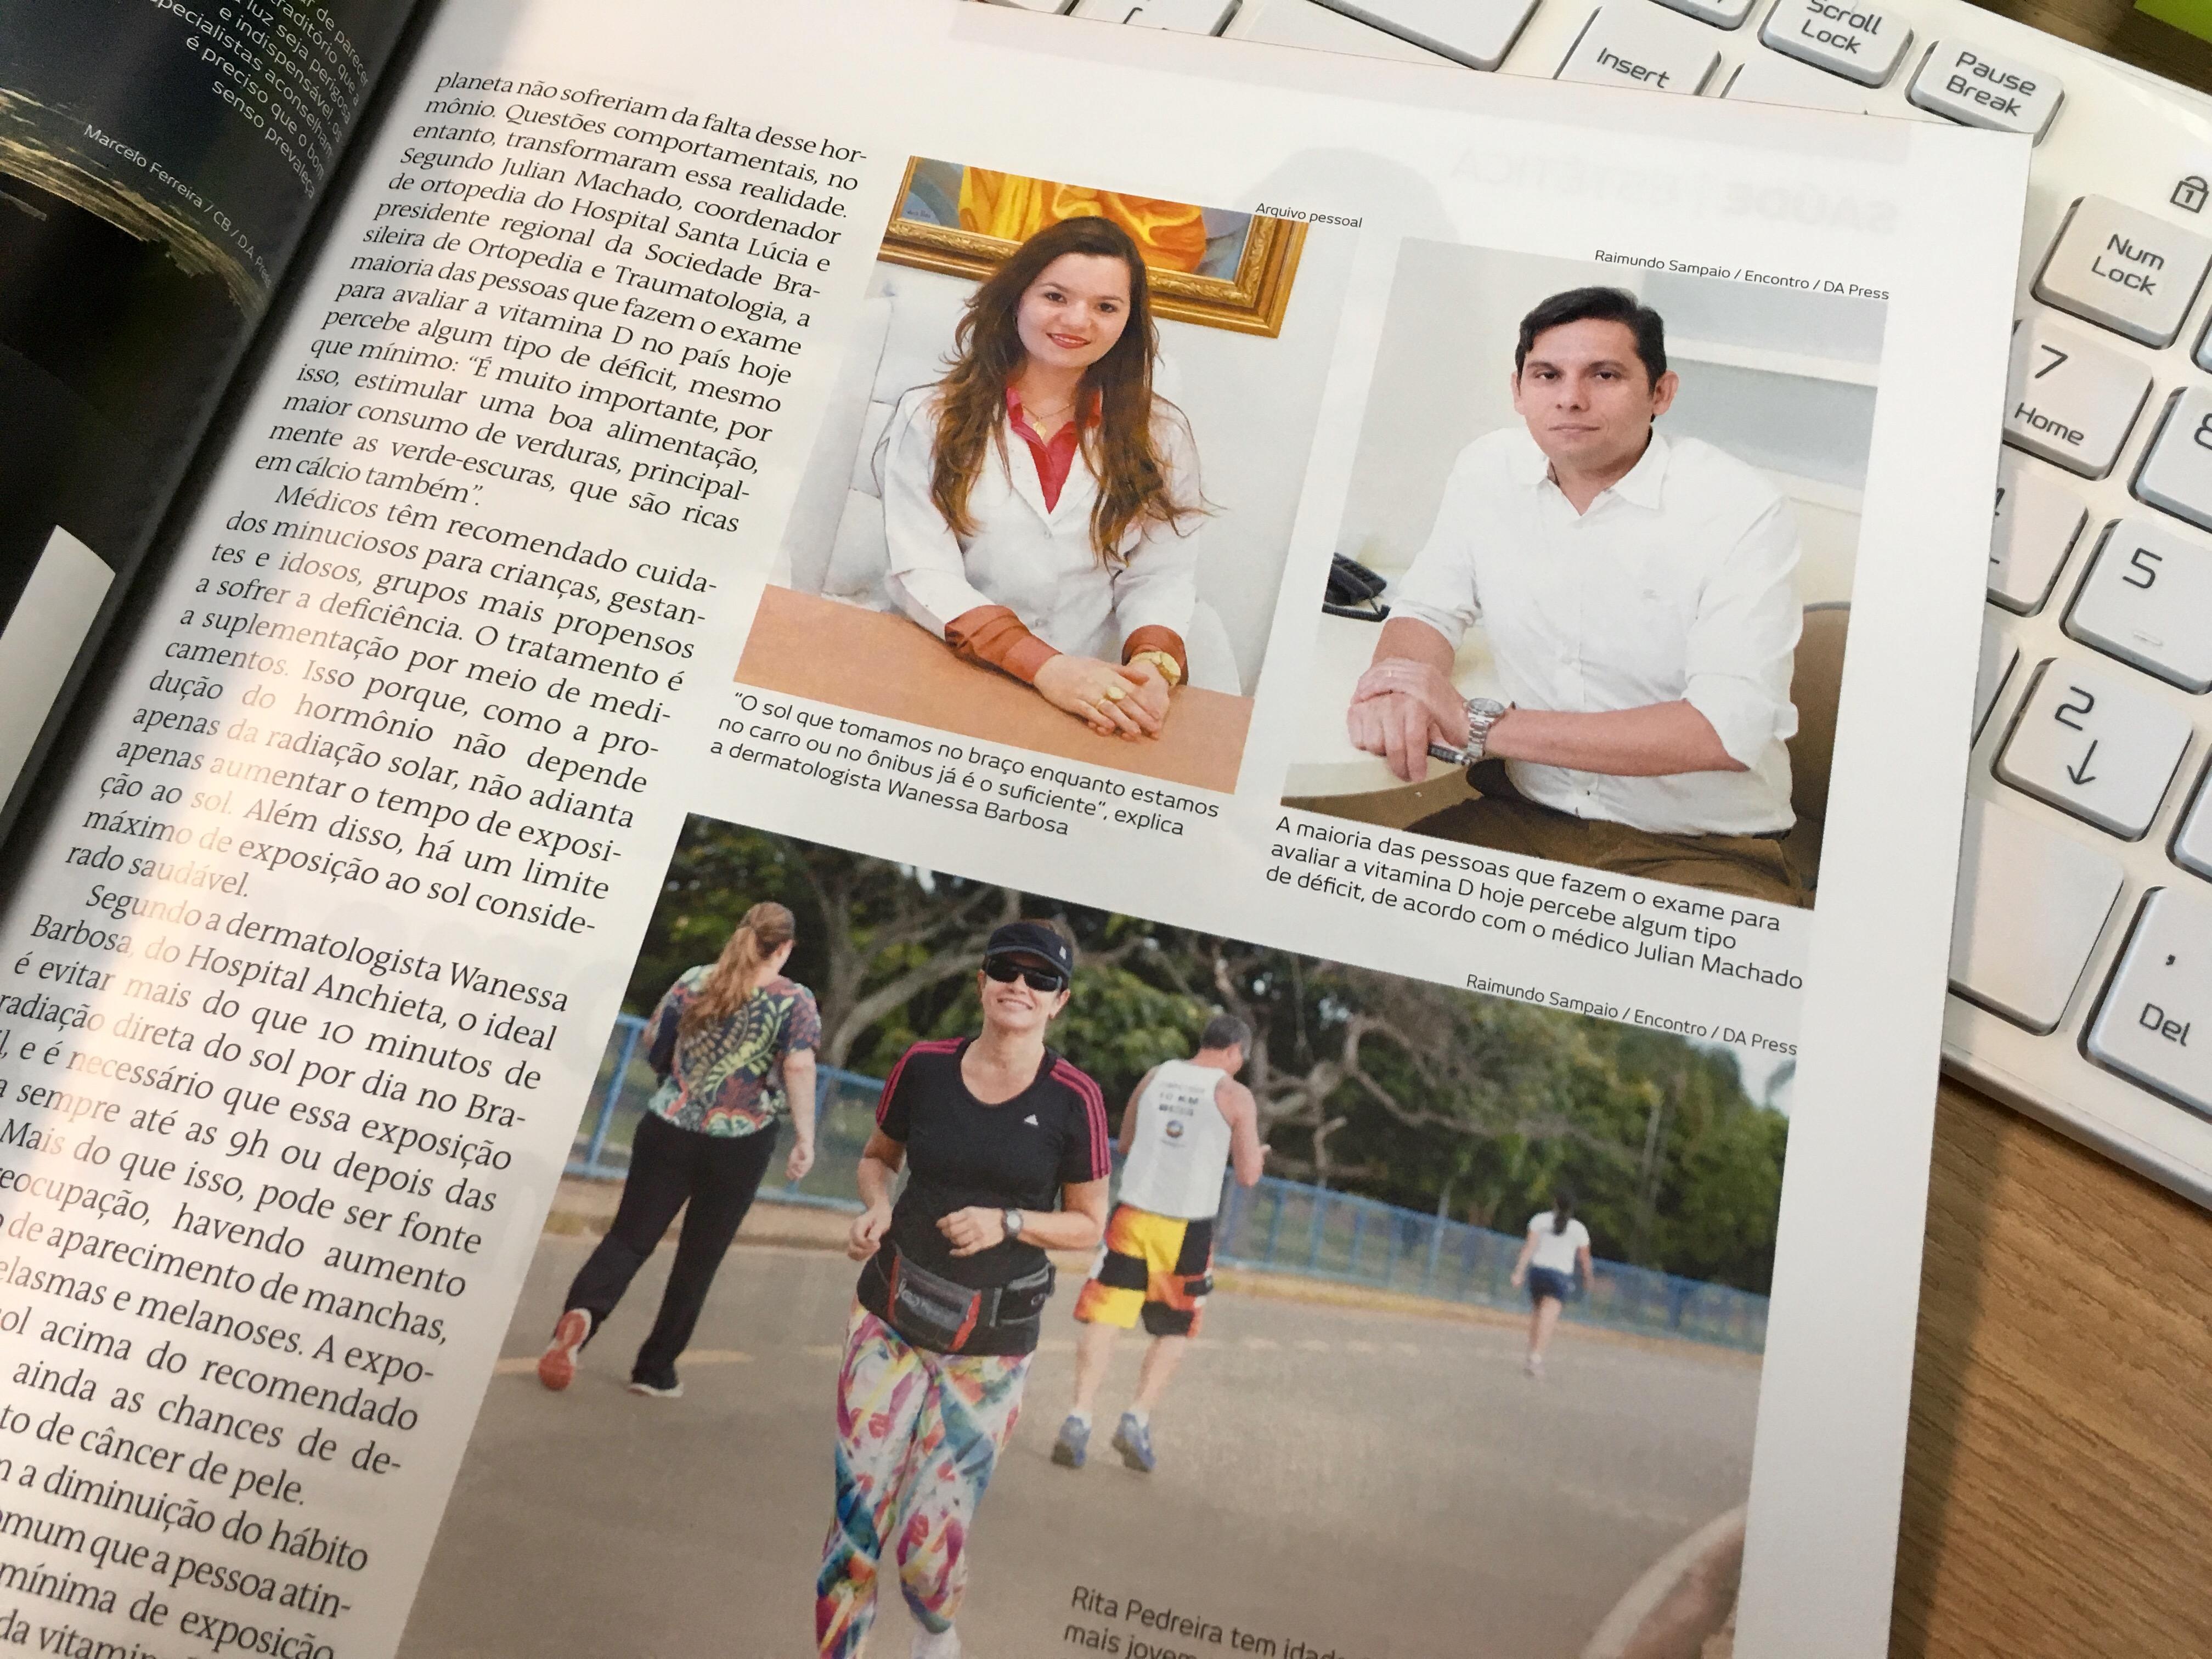 Revista Encontro Brasília - Dr. Julian Machado - Abril de 2016 [2]